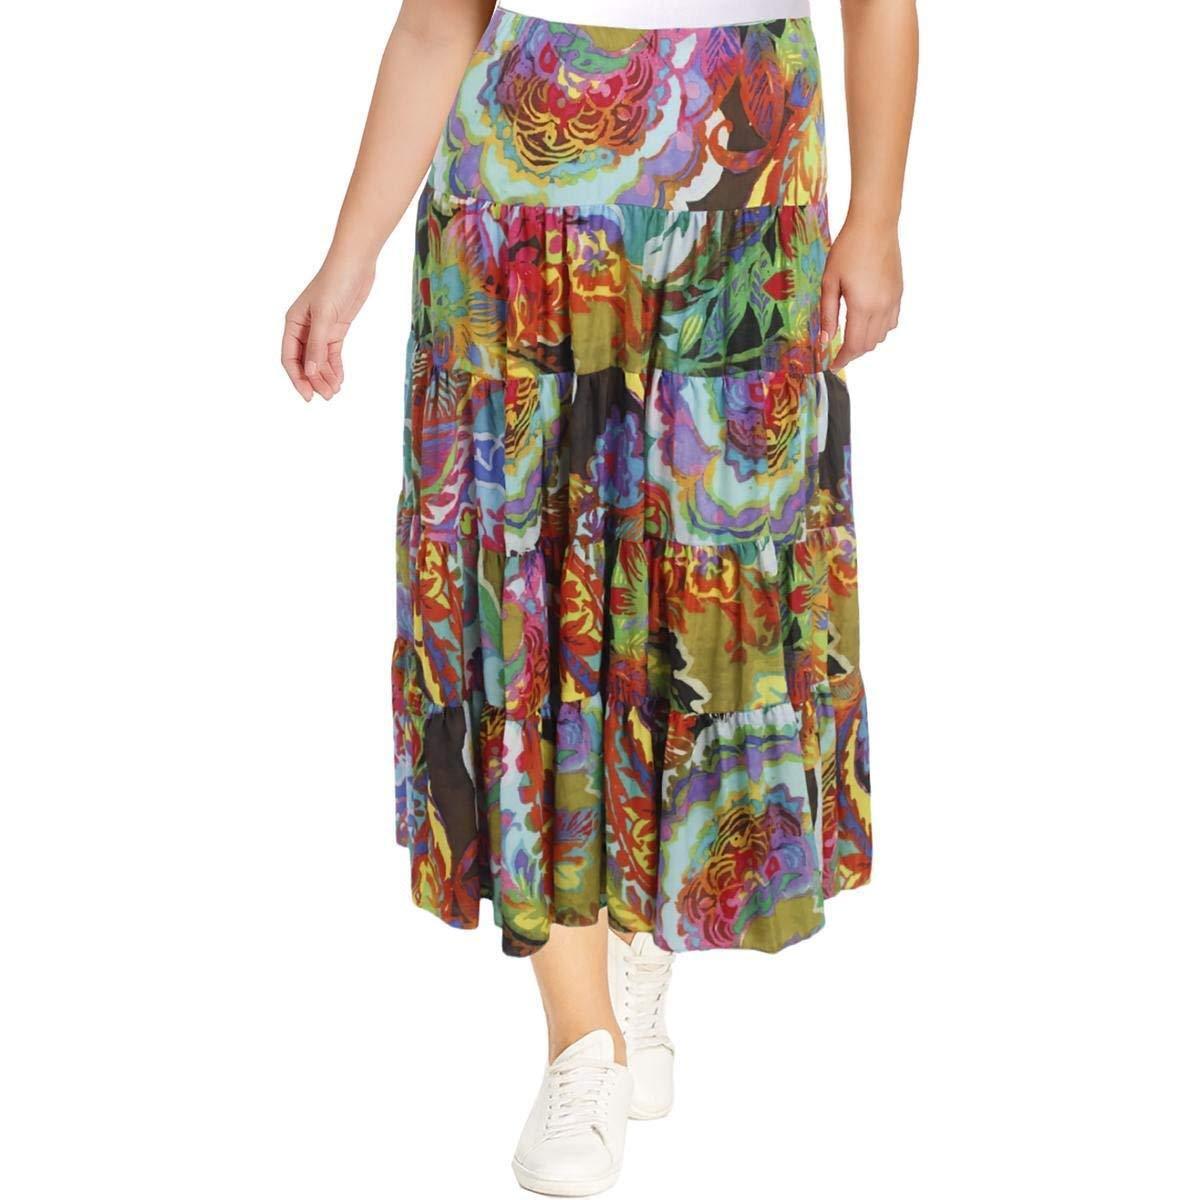 Lauren Ralph Lauren Floral Print Ruffle Skirt size 2XL